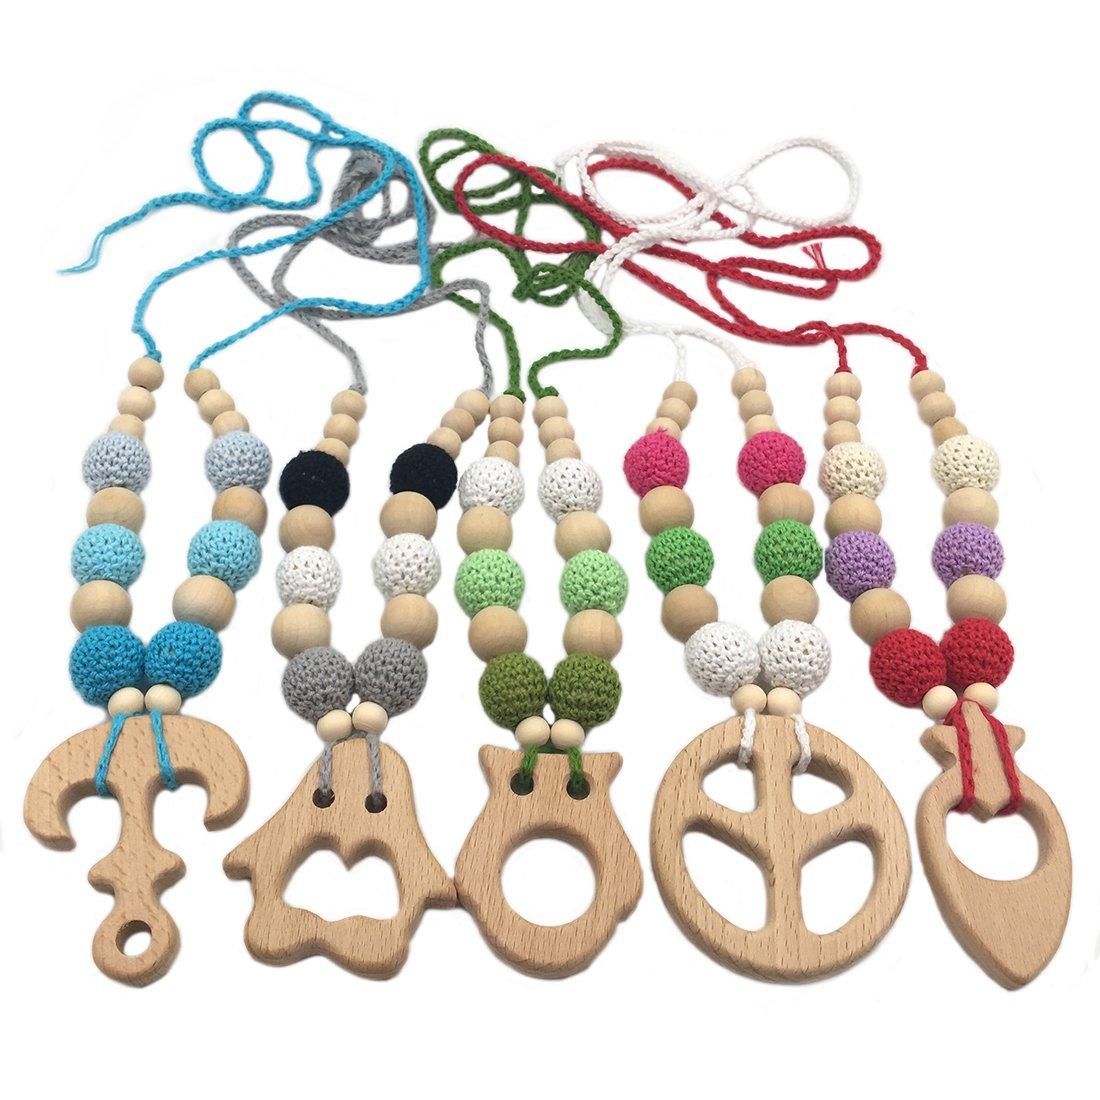 Coskiss 5pcs Häkelarbeit Perlen Baby Teether Halskette Perlen Safe Chunky Zahnen Halskette Holz Kleine Tier Hölzerne